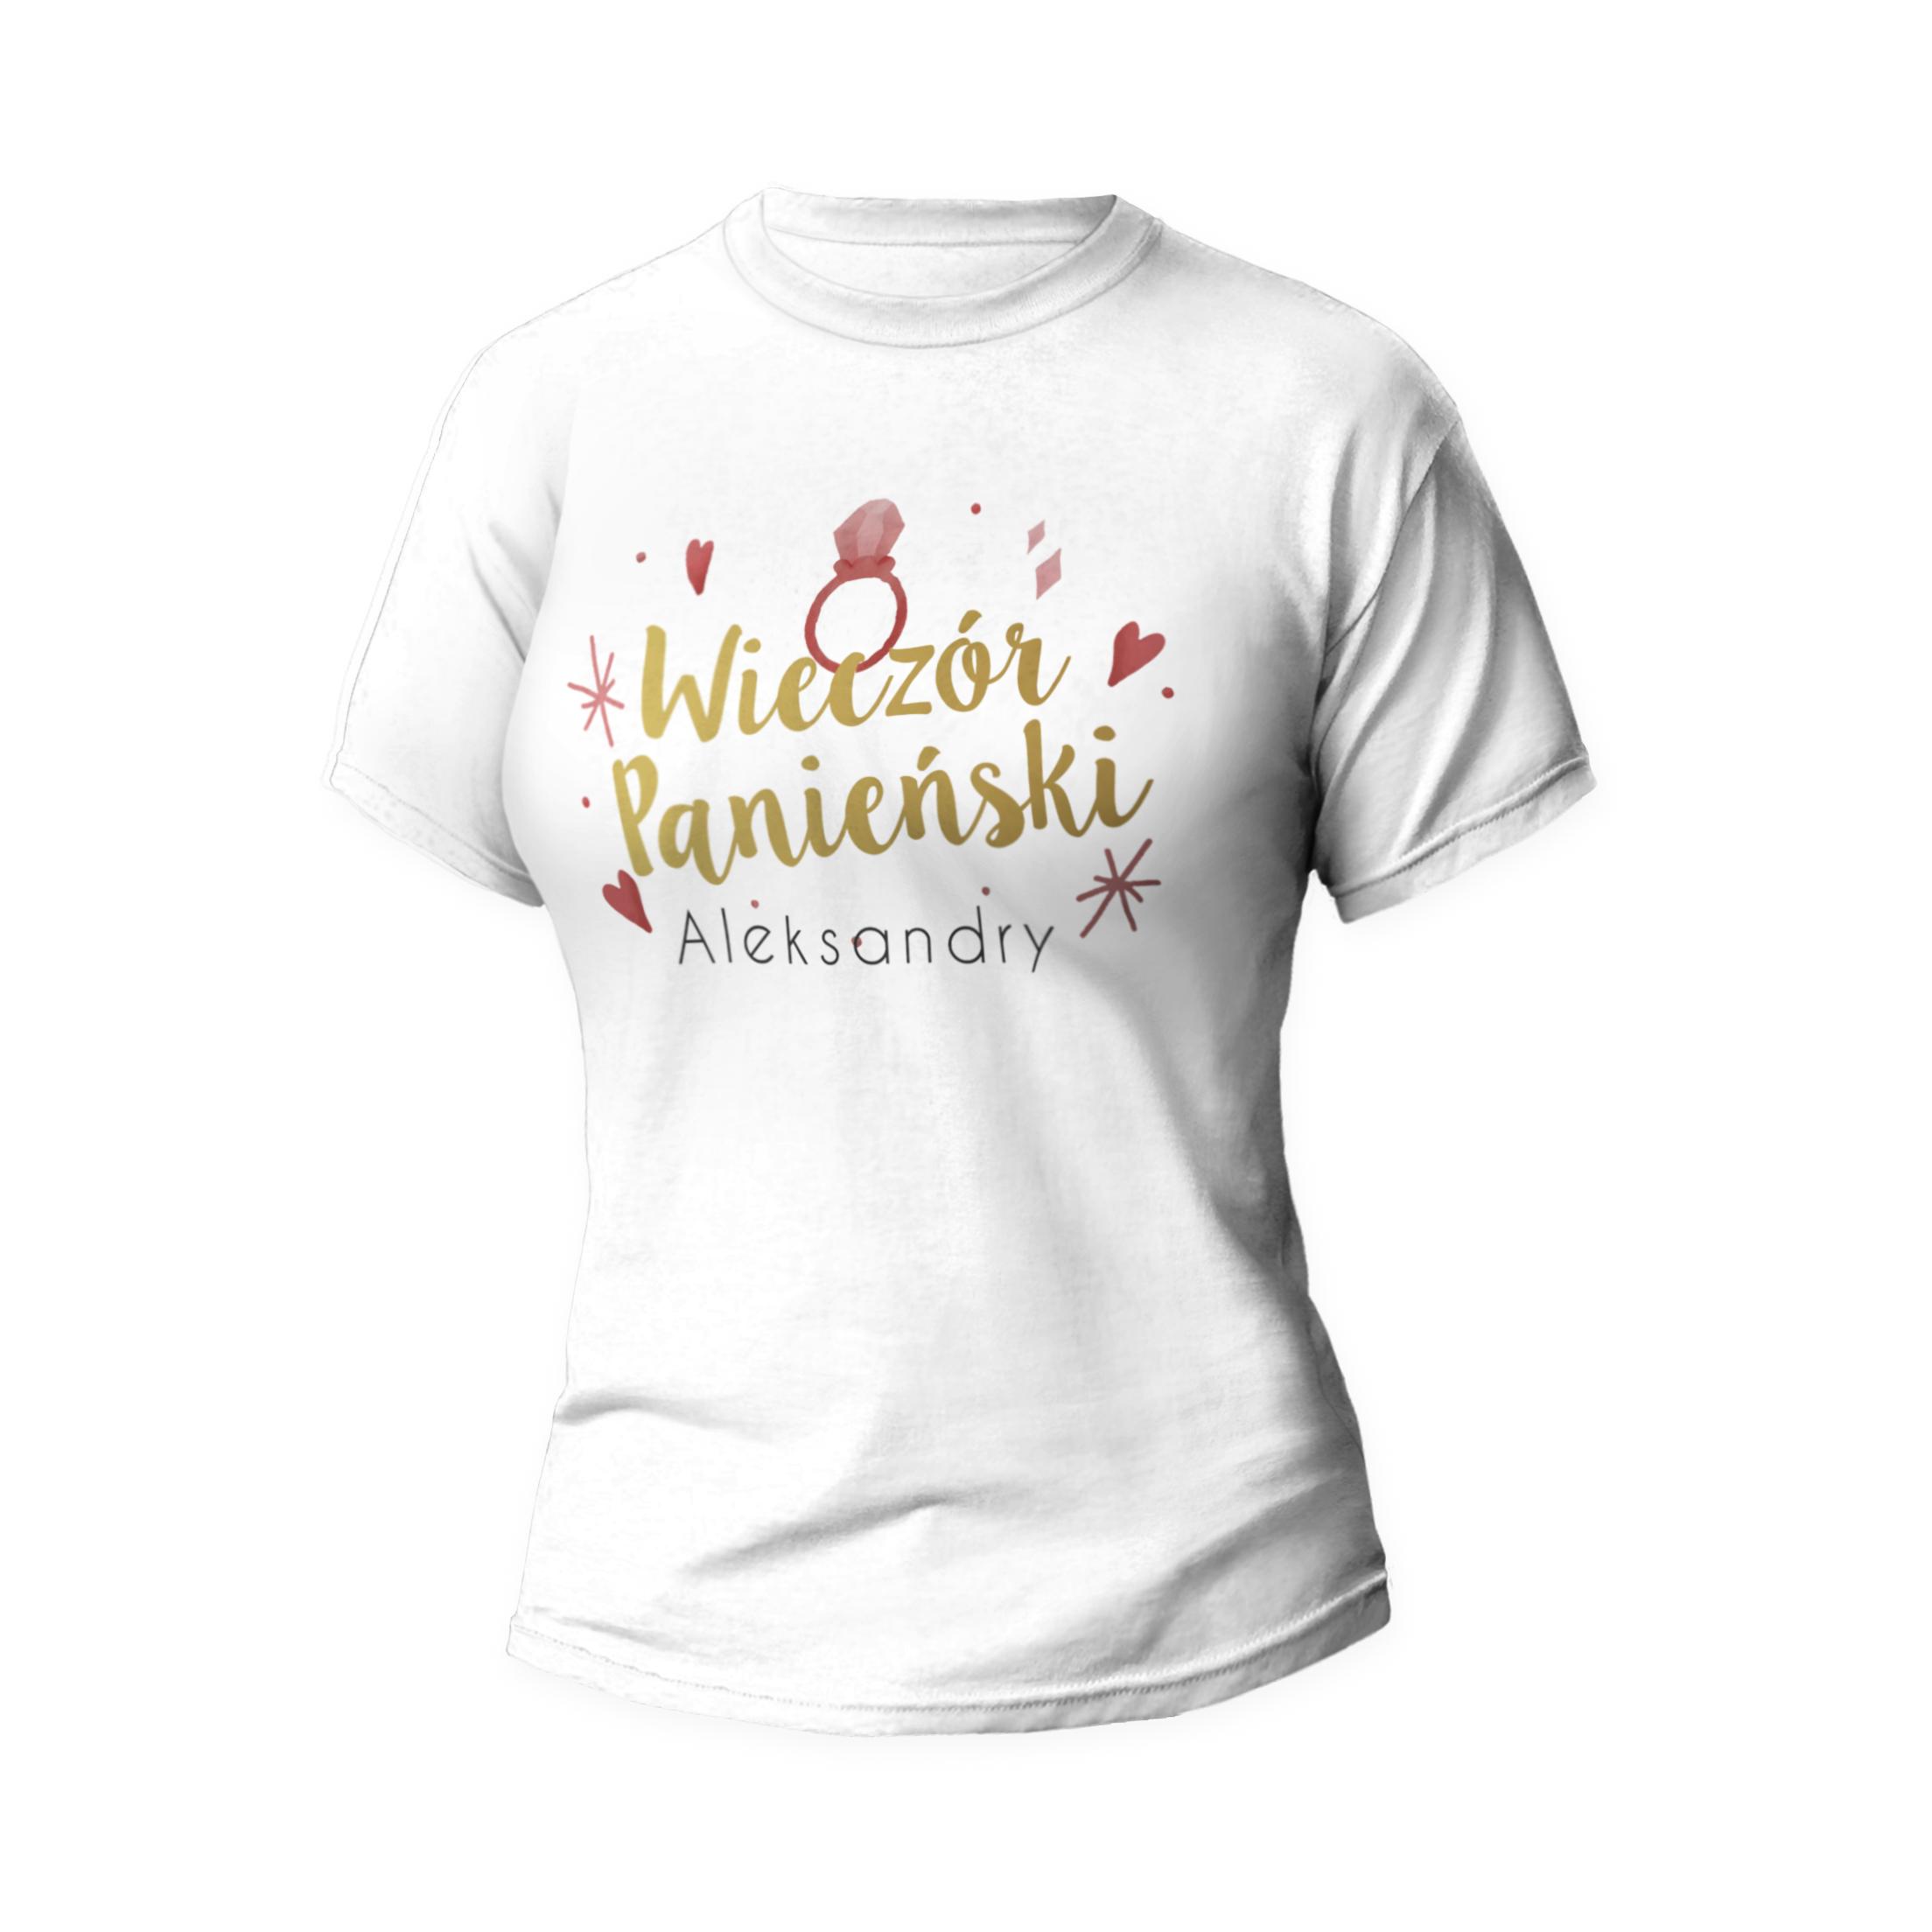 Rozmiar M - koszulka damska z własnym nadrukiem na wieczór panieński - biała